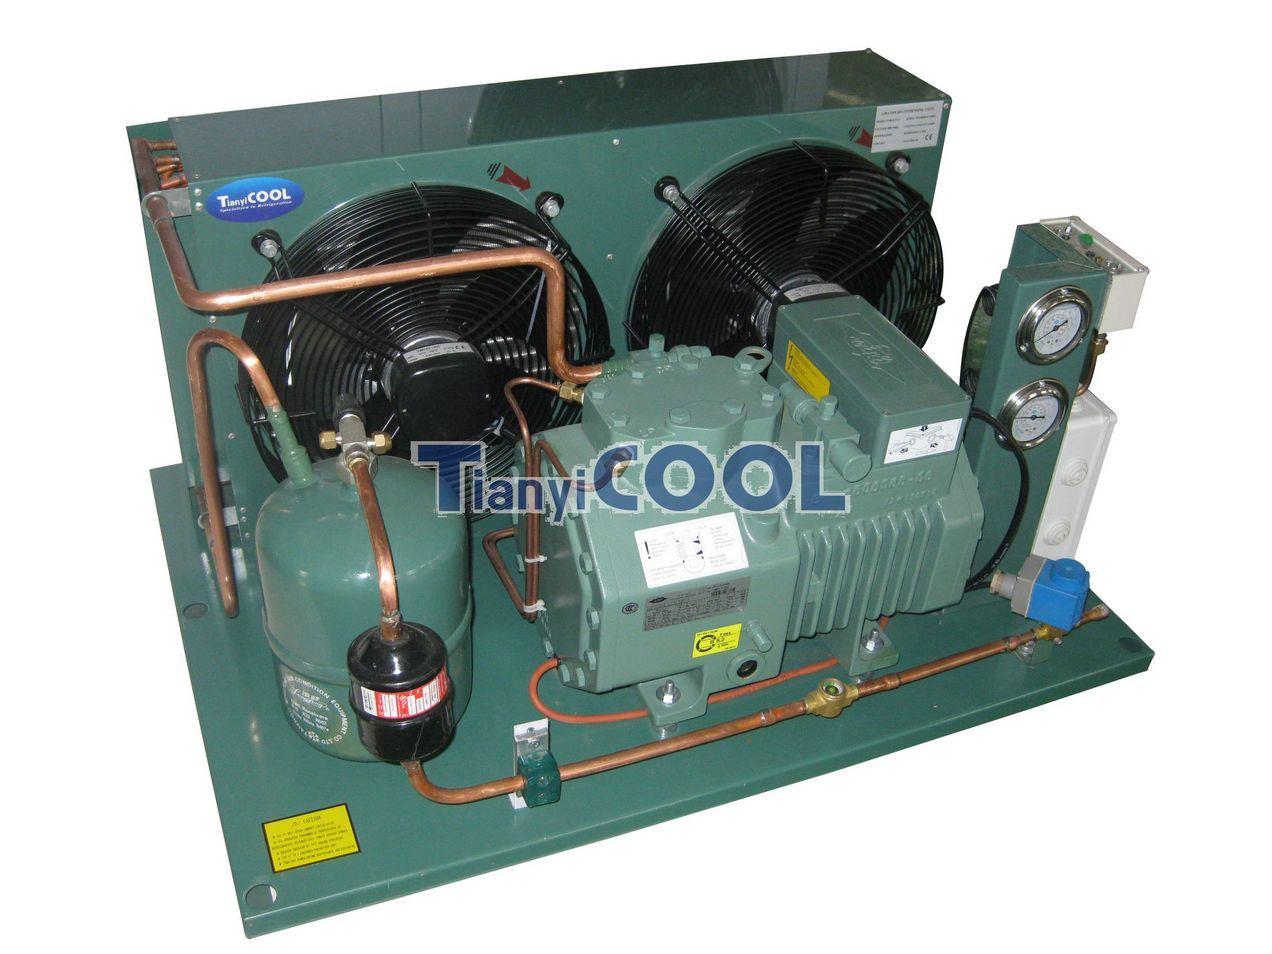 Bitzer Semi Hermetic Condensing Unit condensing unit buckeyebride com bitzer condensing unit wiring diagram at soozxer.org